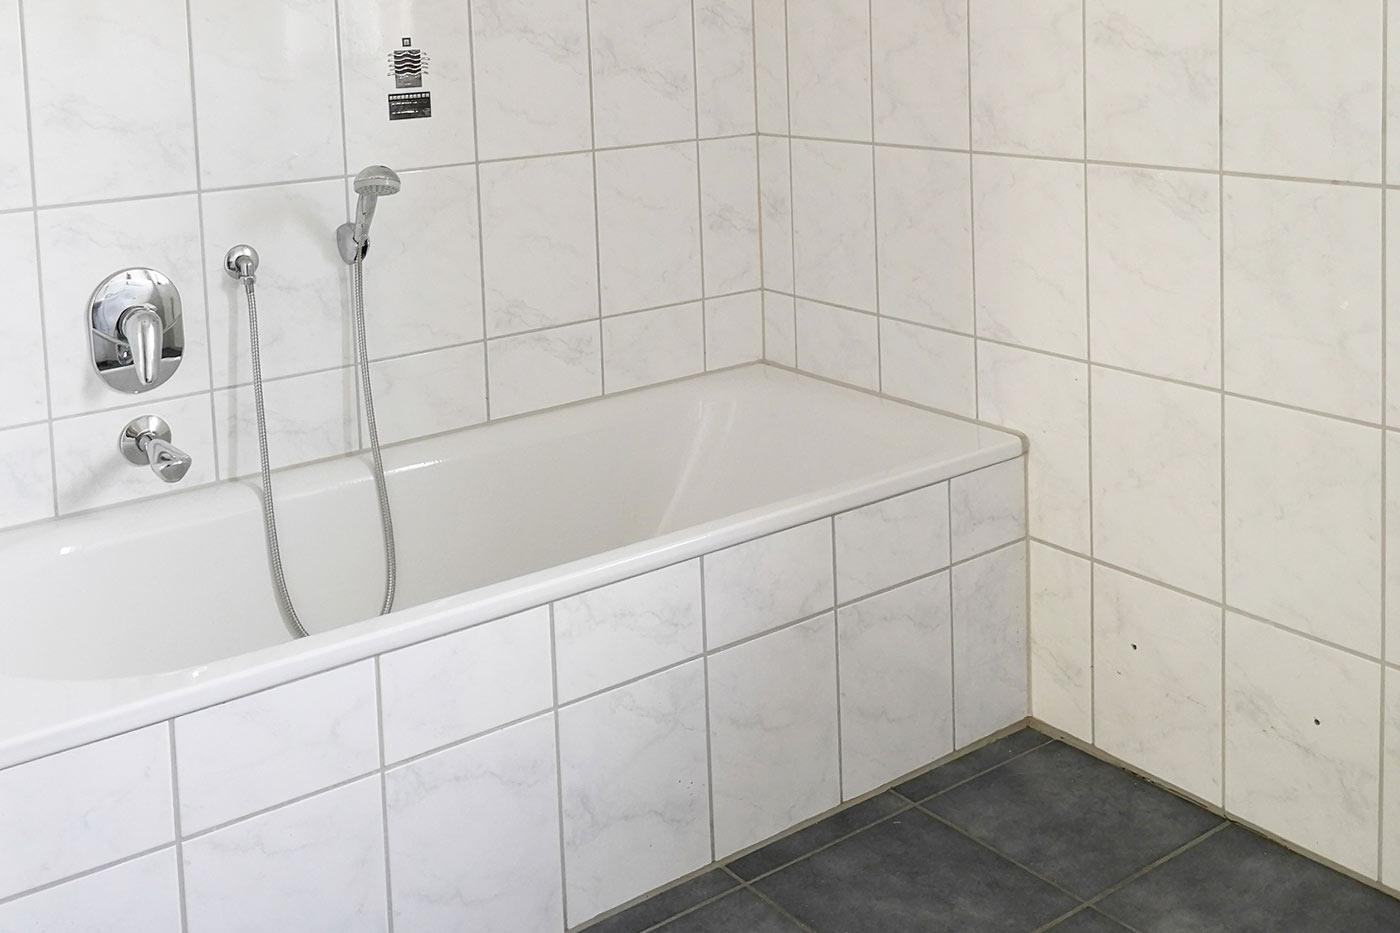 Vorher Foto vom Bad und der Wanne. Bad und Wanne vor dem Homestaging durch Blickfang Homestaging in Soest